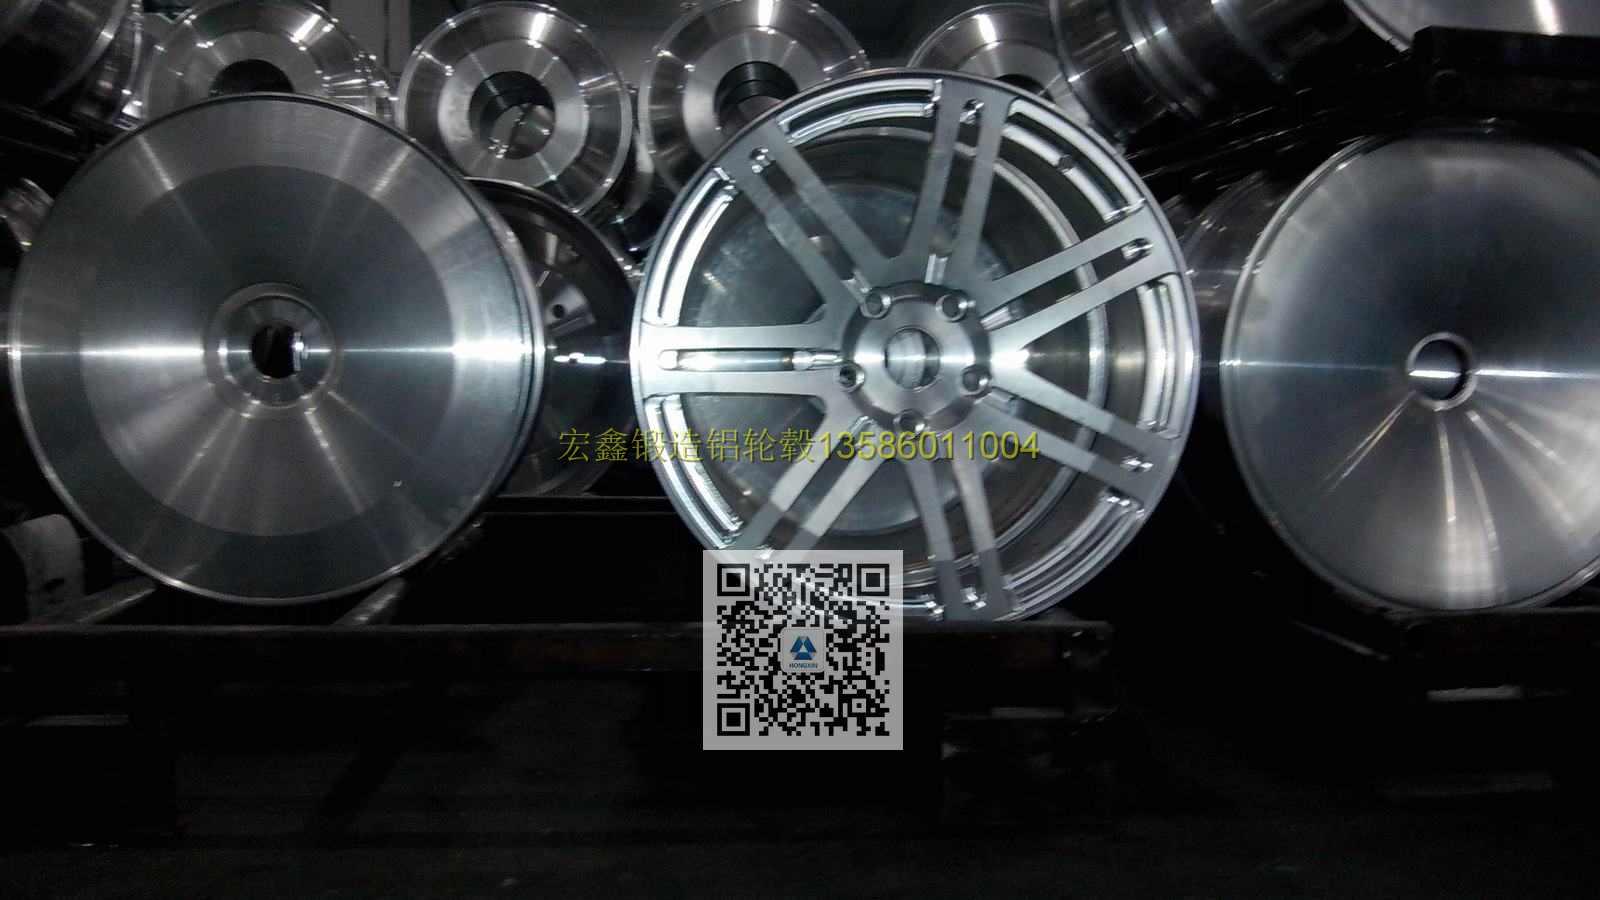 锻造铝合金轮圈锻造铝轮毂卡客车铝轮毂卡车锻造铝轮毂